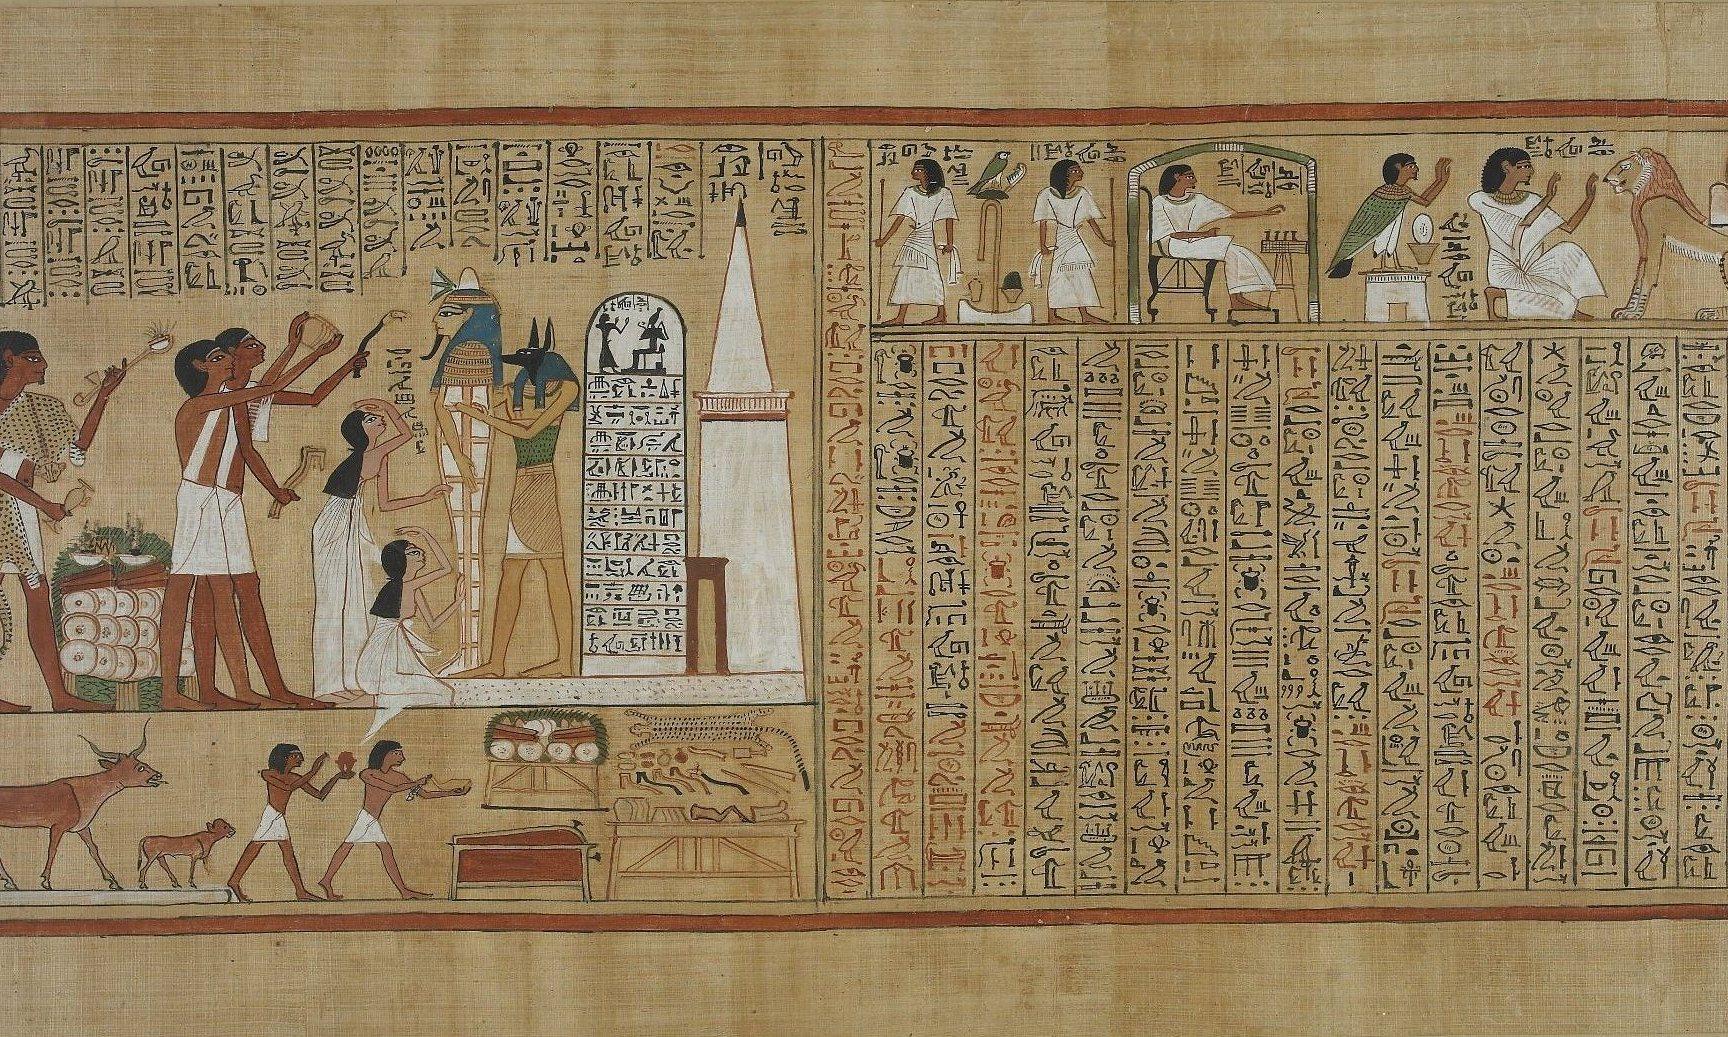 جزء من لوحة من أحد نسخ كتاب الموتى - تصوير: داليا البيرجي